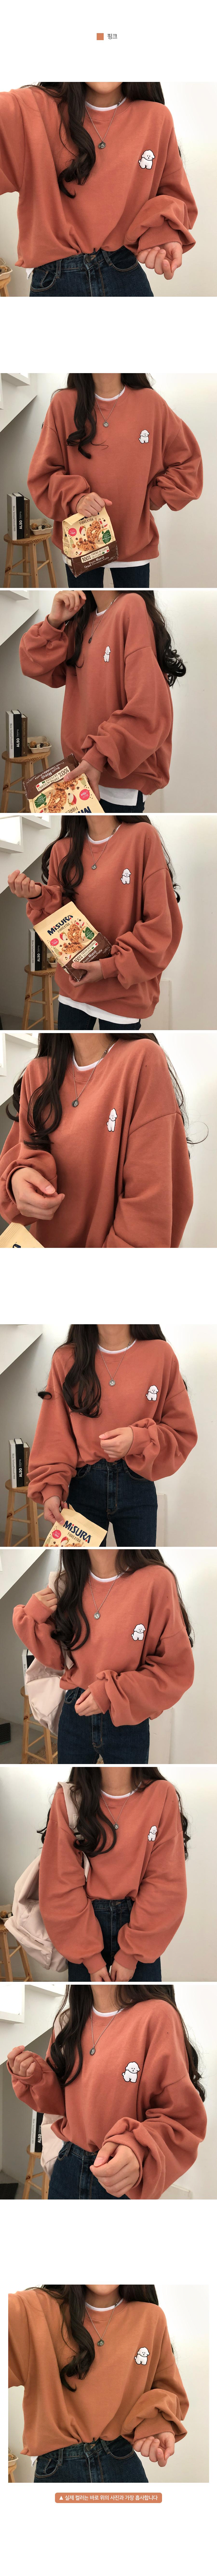 ポグルアルビノルーズフィットスウェットシャツ